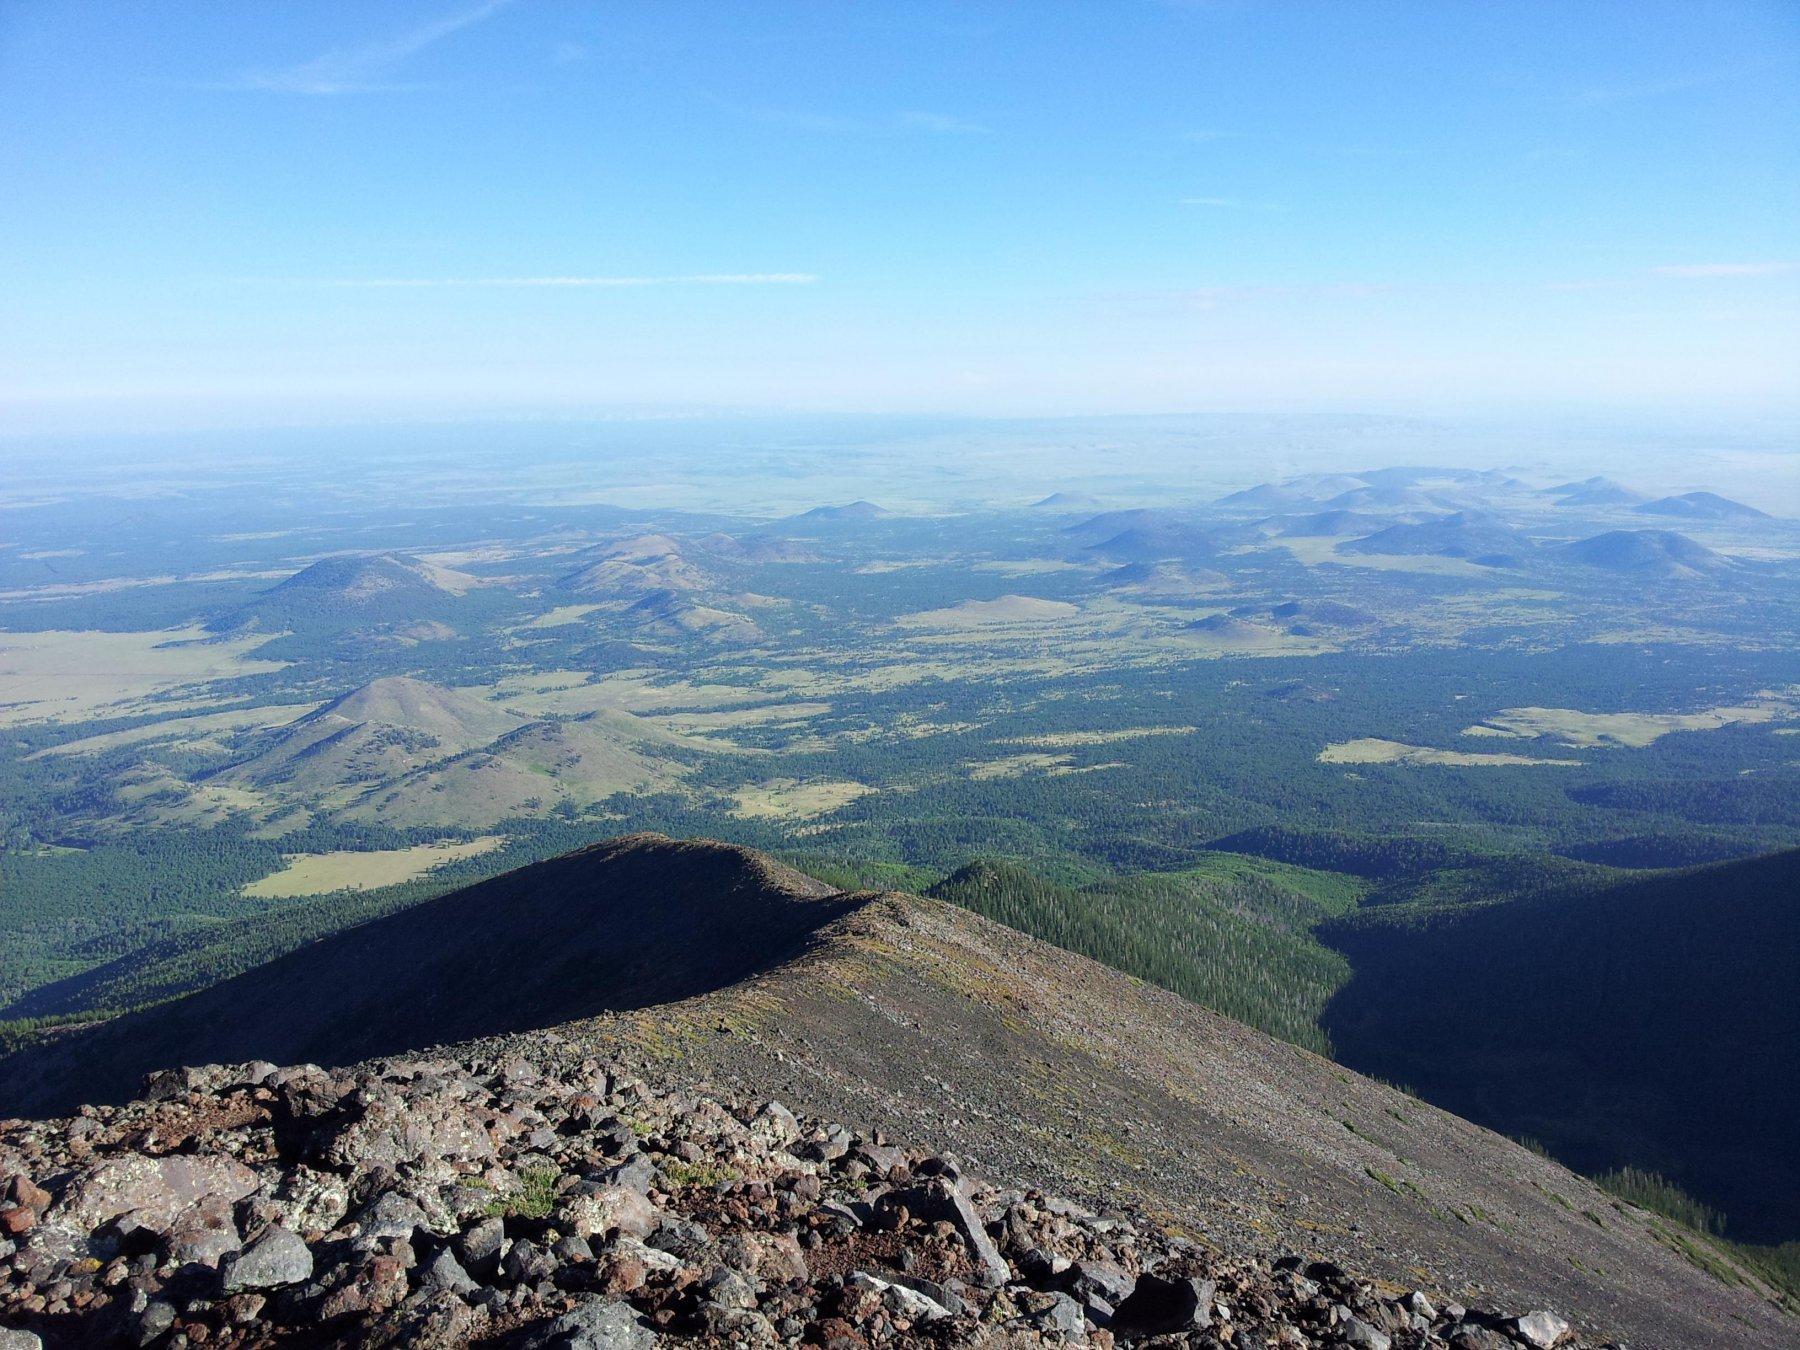 Vista a Nord verso l'altopiano e i conetti vulcanici